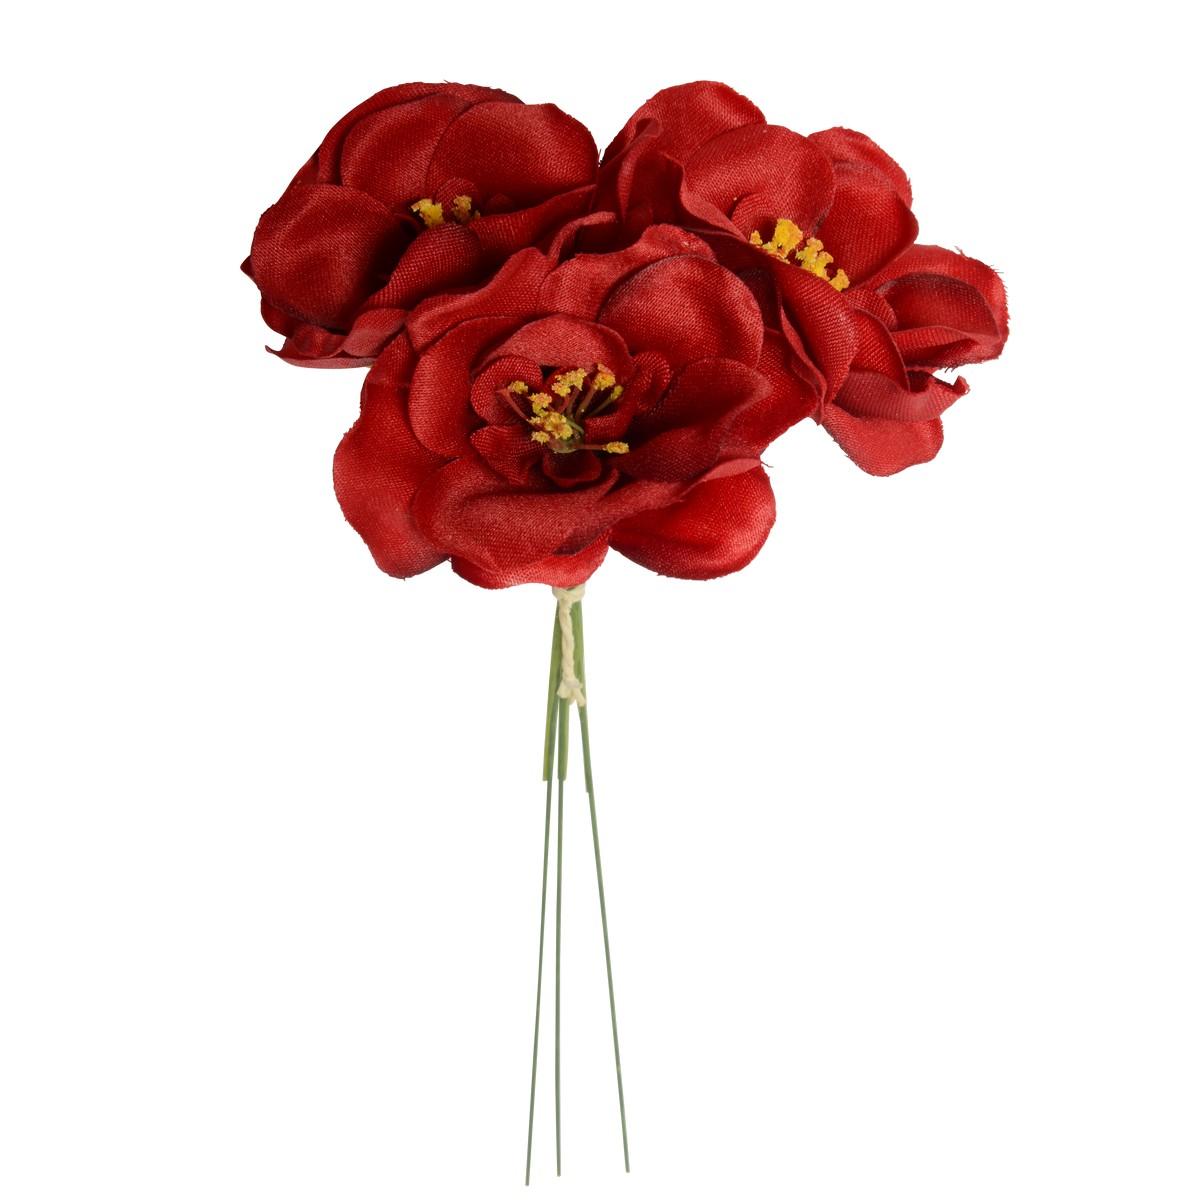 【造花】パレ/ミニカメリアピック レッド 3本セット/P-2019-50【01】【取寄】《 造花(アーティフィシャルフラワー) 造花 花材「た行」 ツバキ(椿) 》